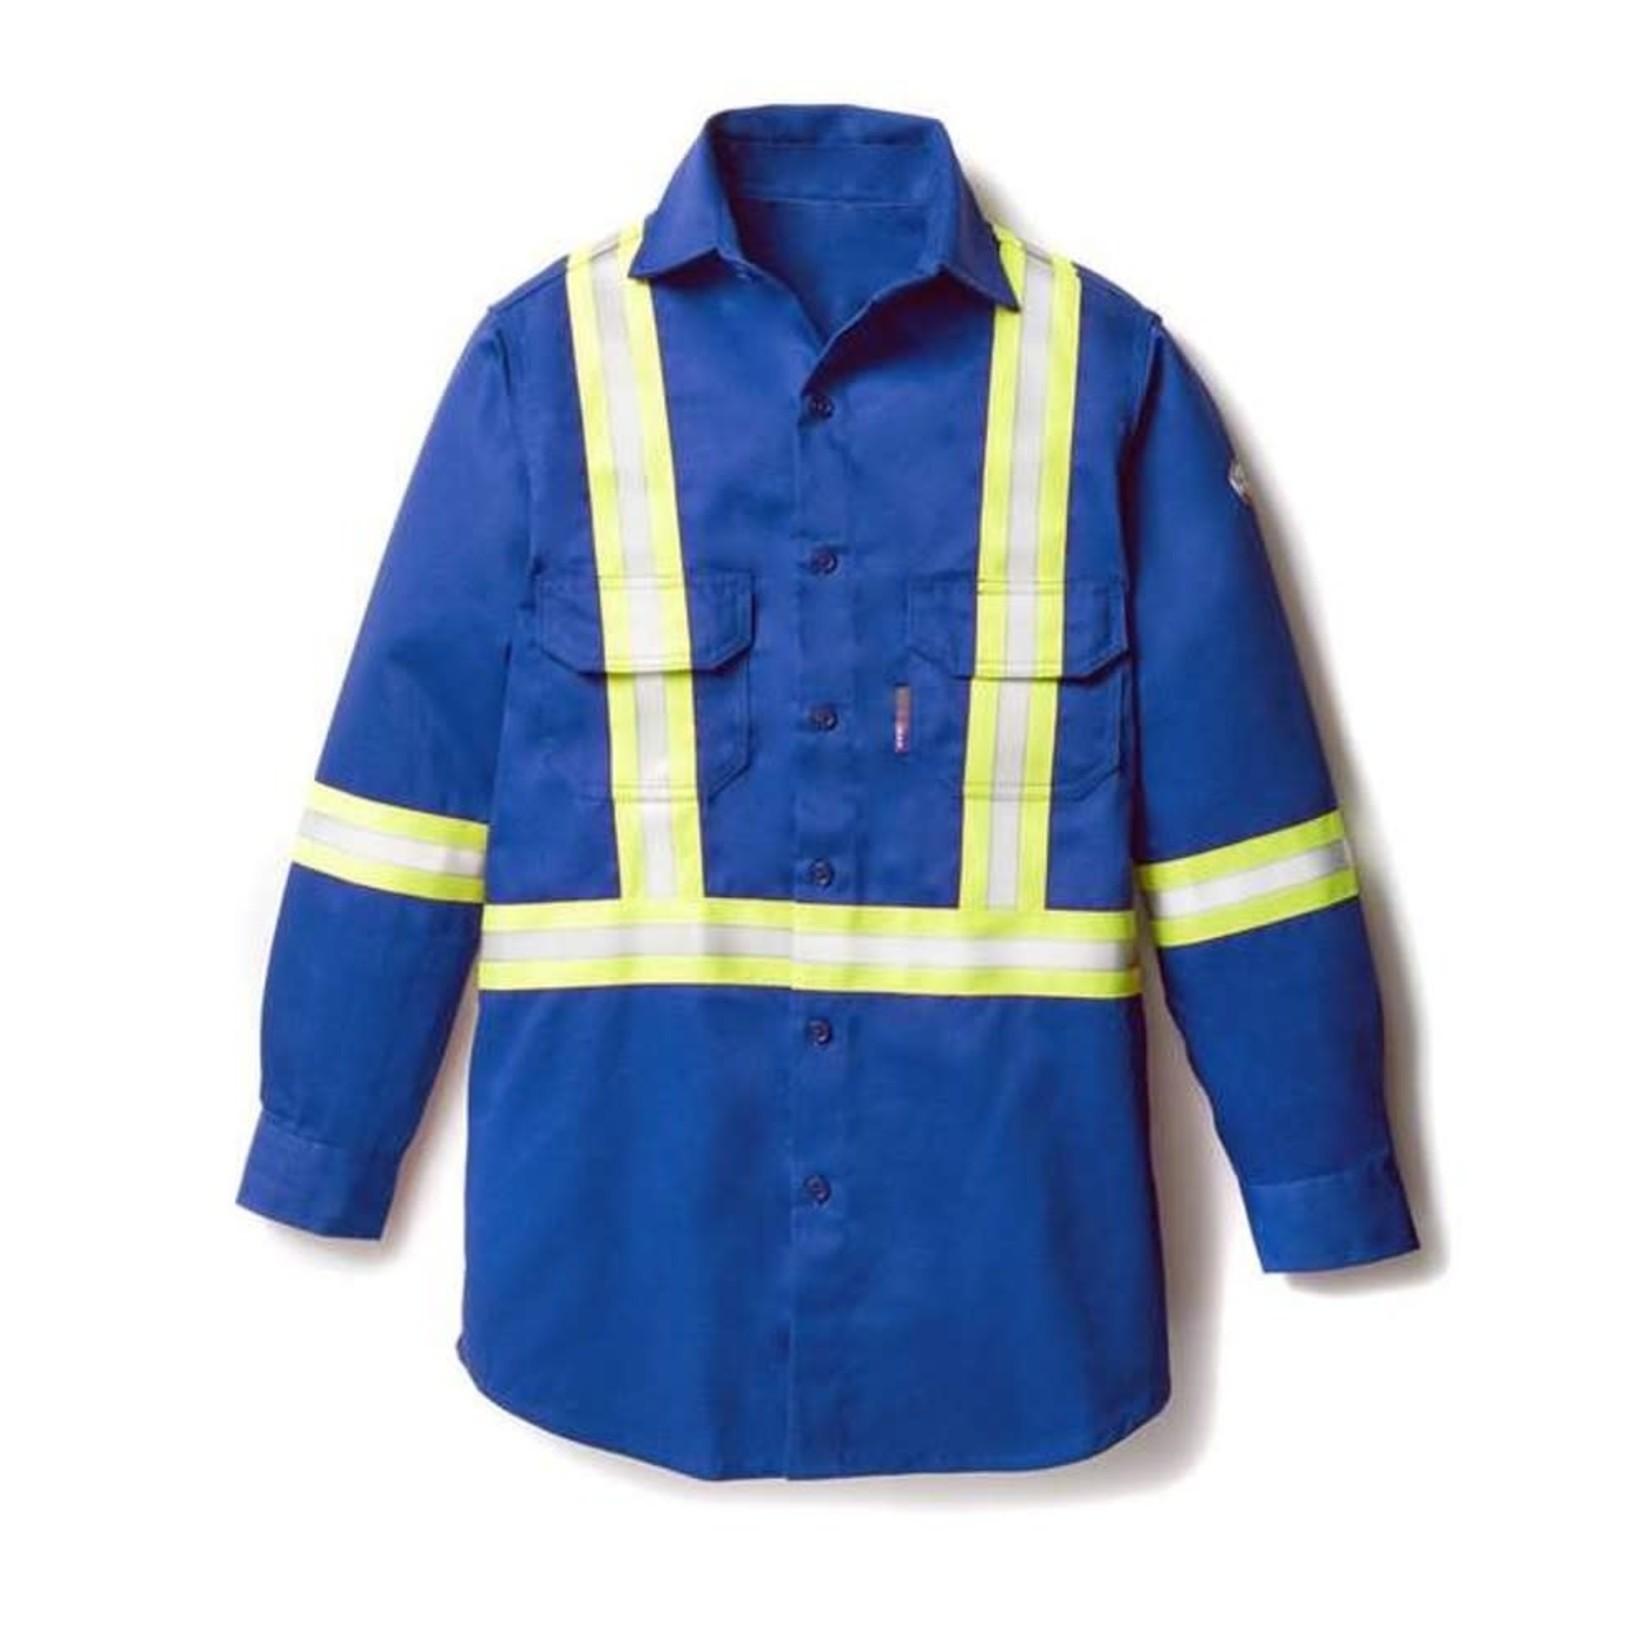 Rasco Rasco FR1403 FR Uniform Shirt With Reflective Trim Blue